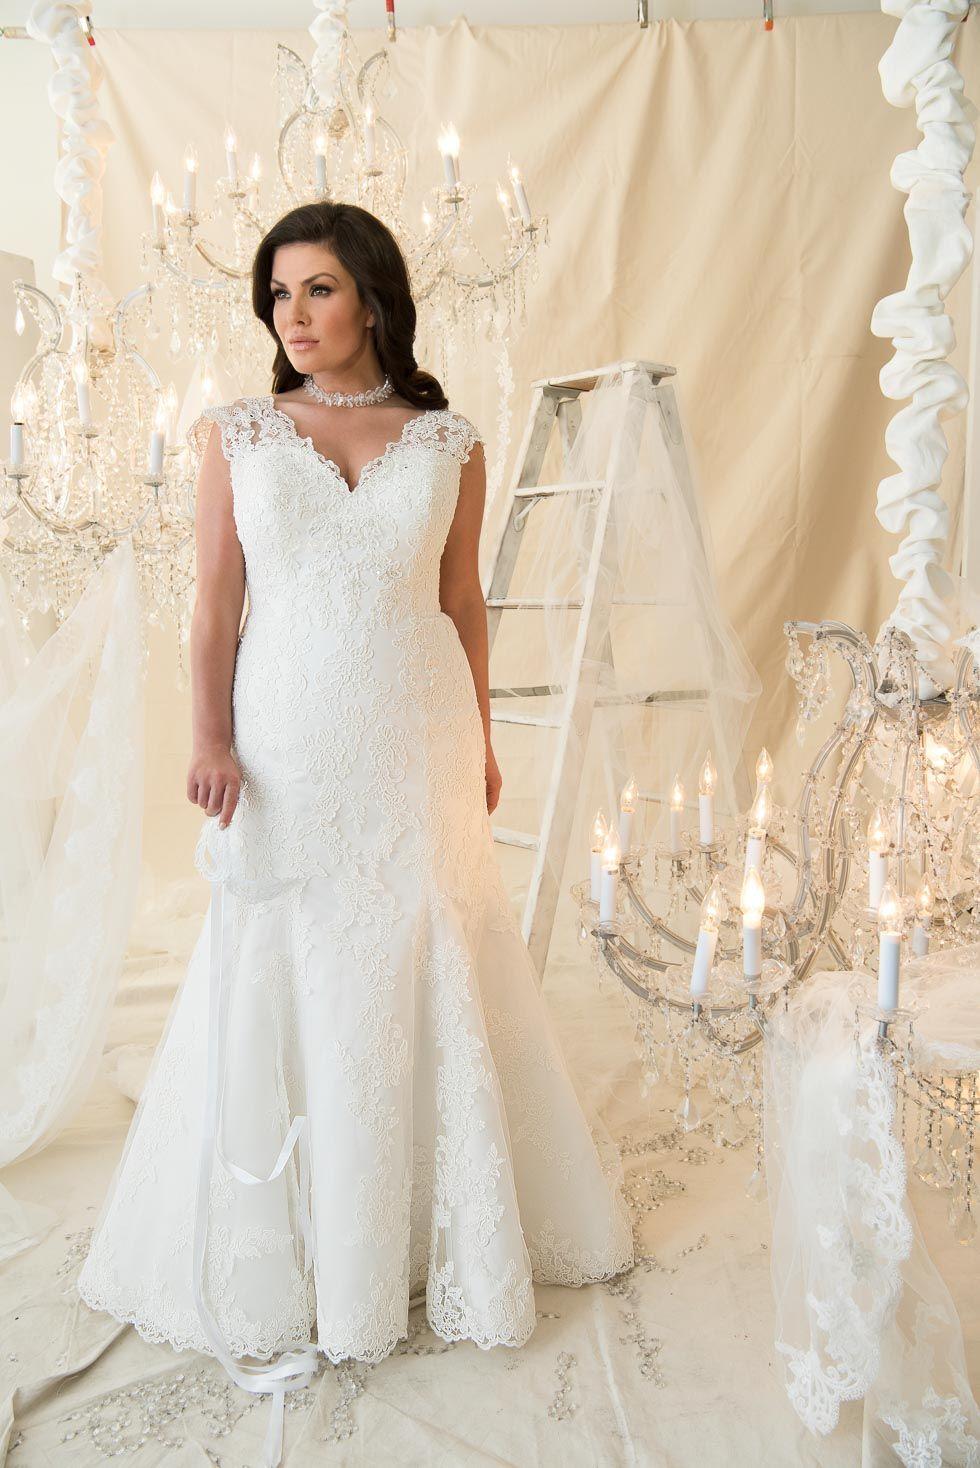 Wedding dresses for plus size brides  Brautkleider in großen Größen Endlich schöne Modelle  See more